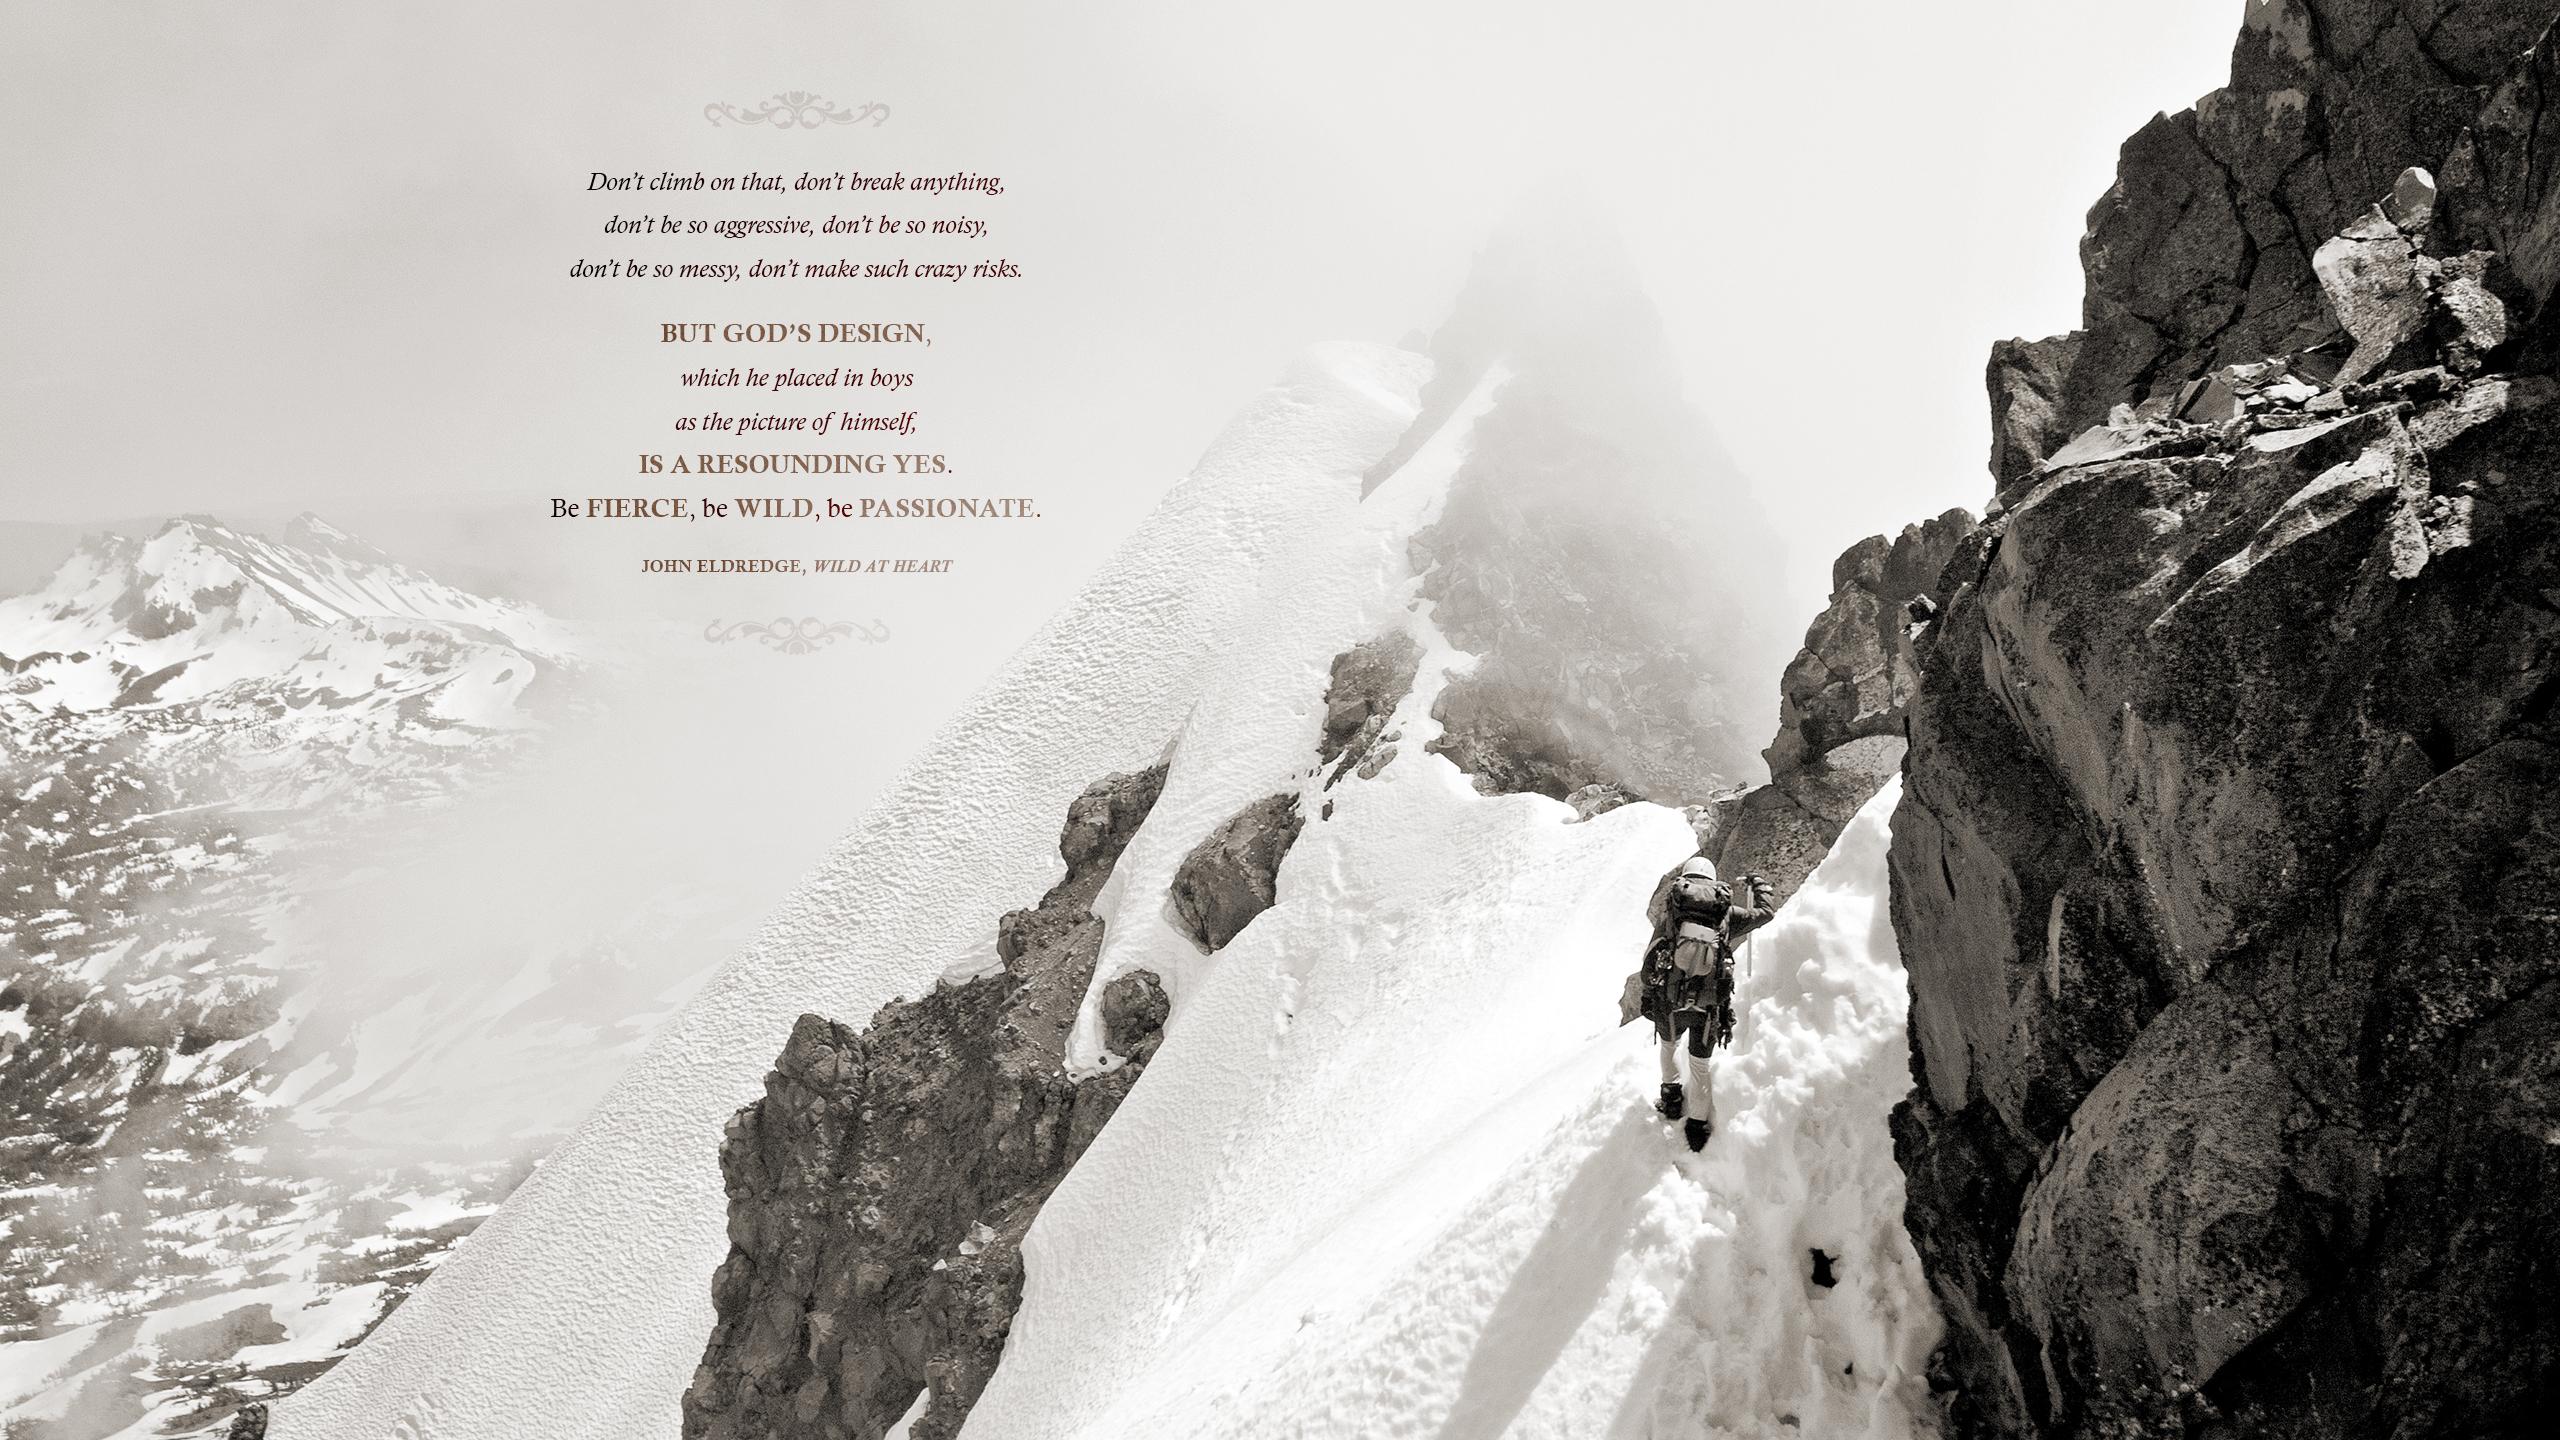 Amazing Wallpaper Mountain Quote - 236cd24a549d1e8549a9da87bf325a95  Picture_487084.jpg